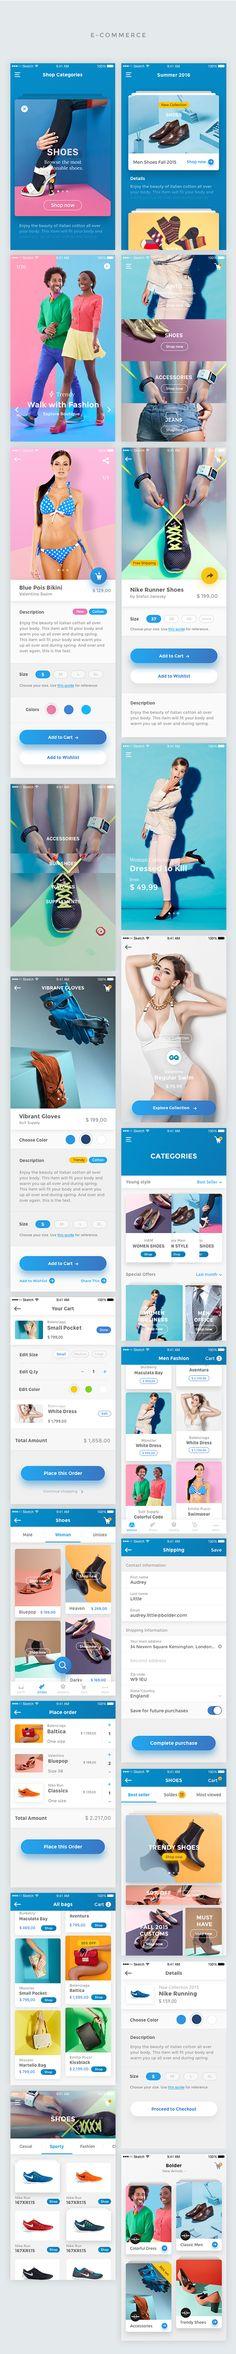 Bolder - Multipurpose Mobile UI KIT for Sketch - Sketch Templates